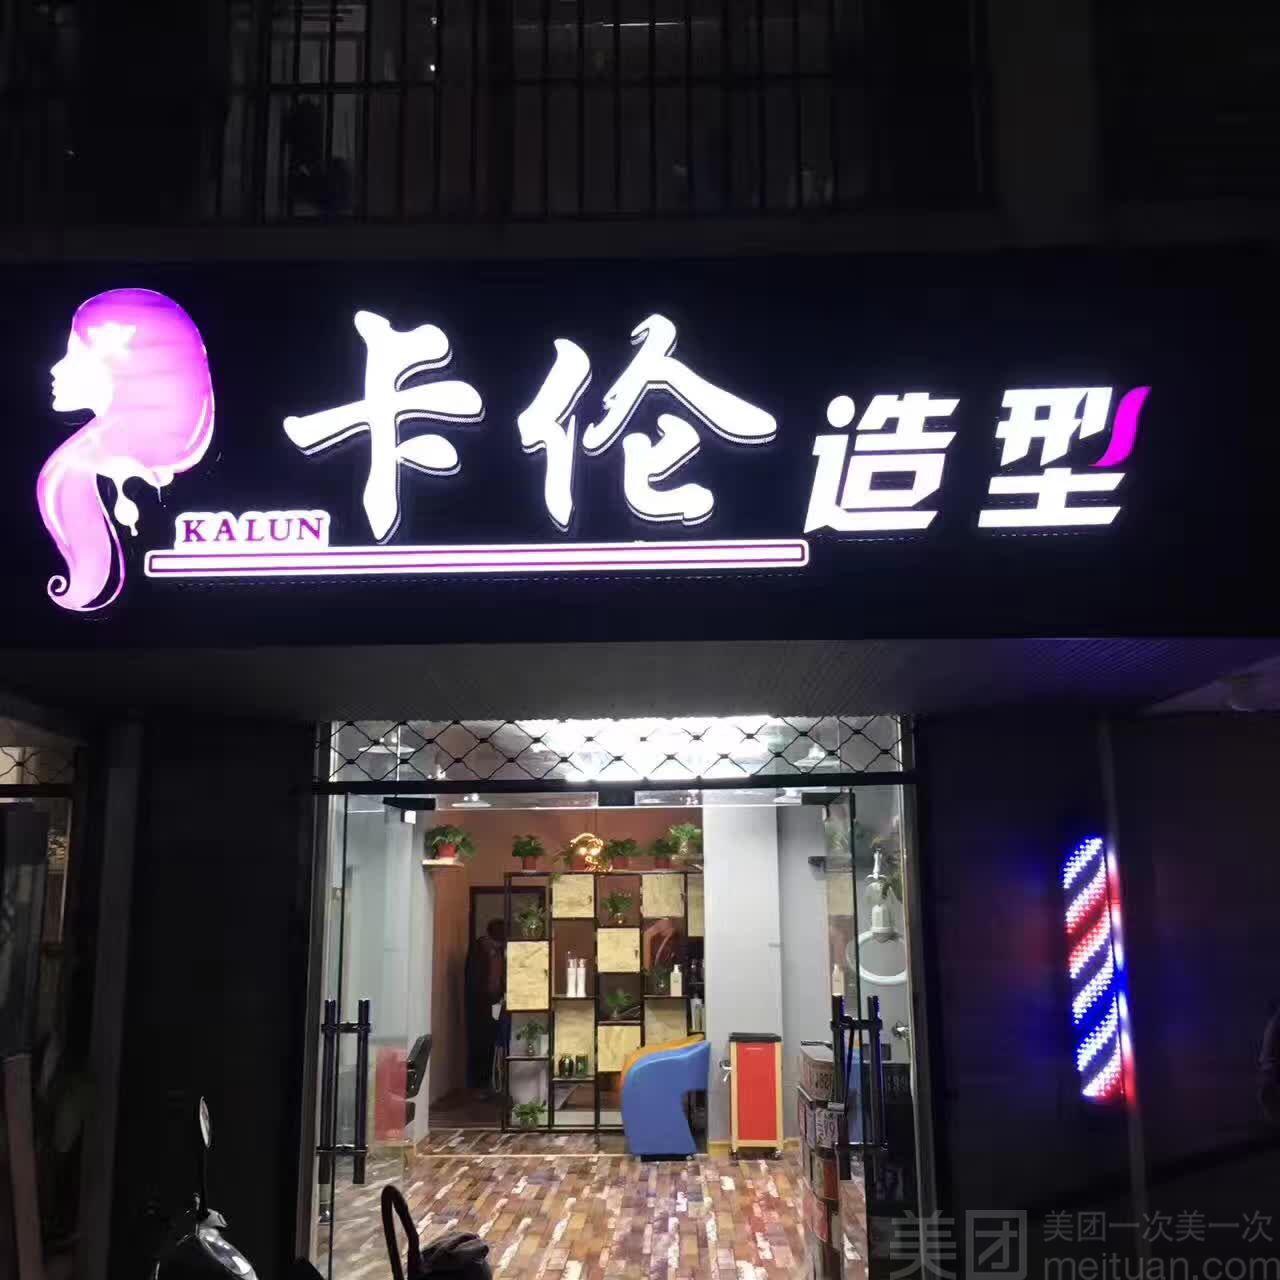 卡伦专业美发-洗发剪发造型,仅售11元,价值20元洗发剪发造型,节假日通用!